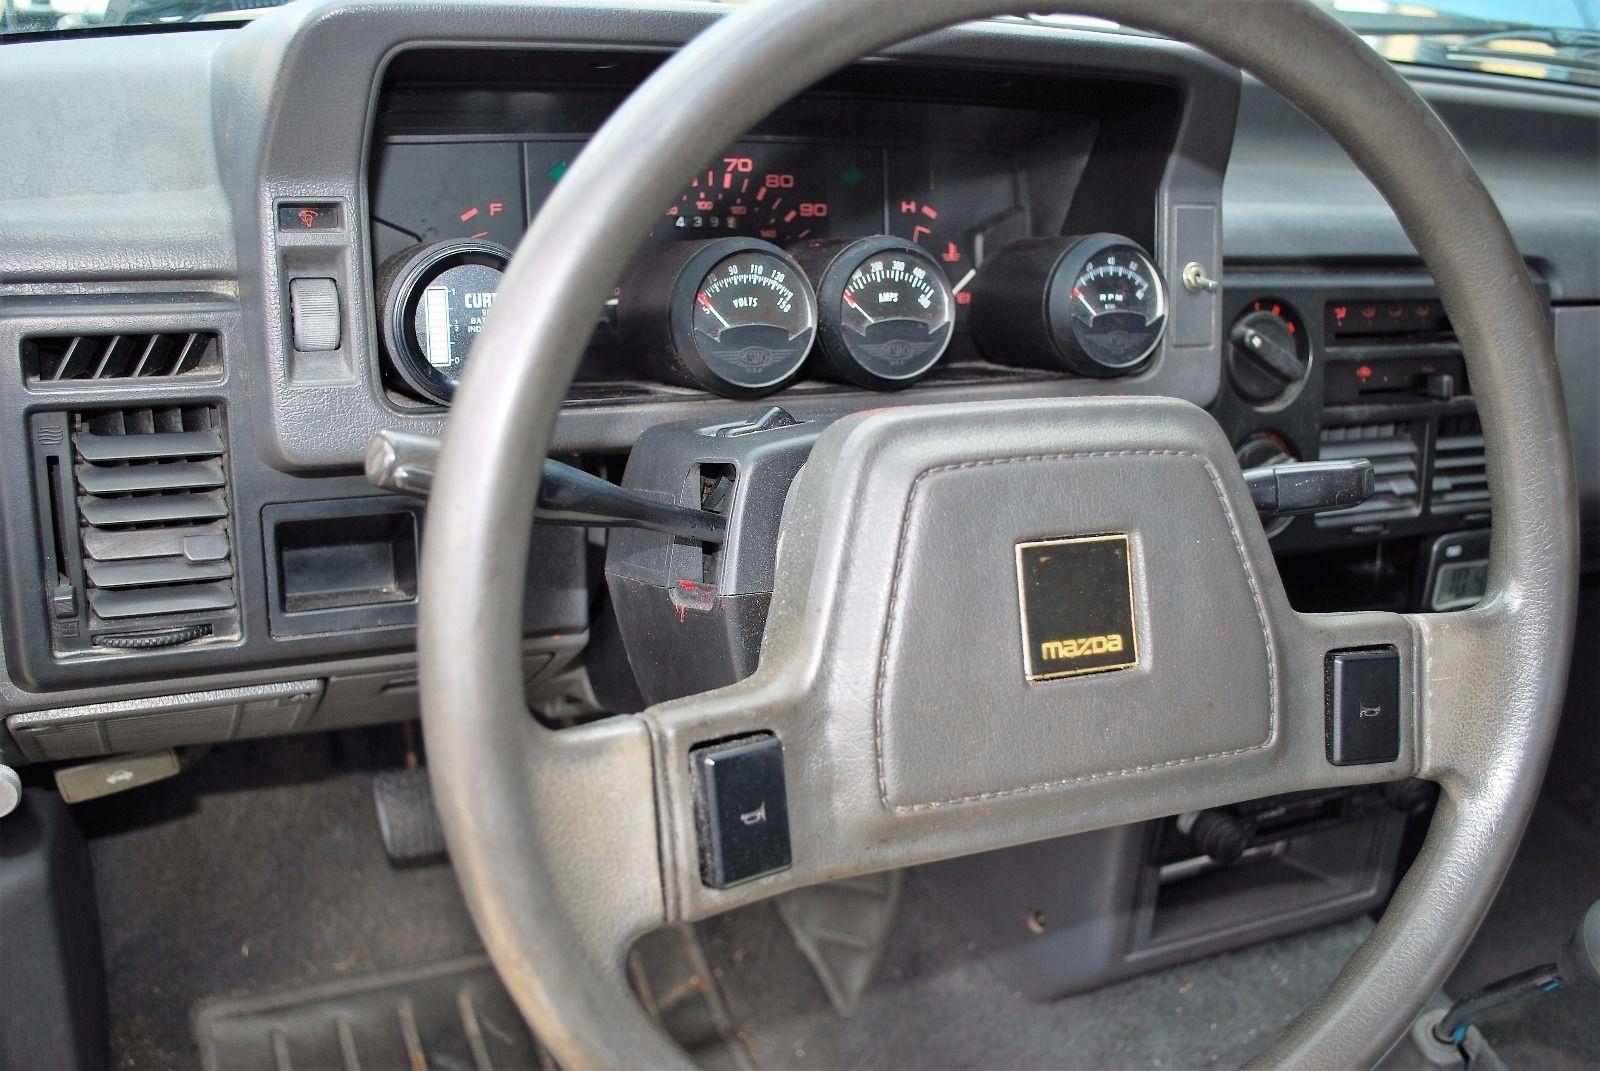 062016 Barn Finds 1991 Mazda B 2200 Ev Pickup 4